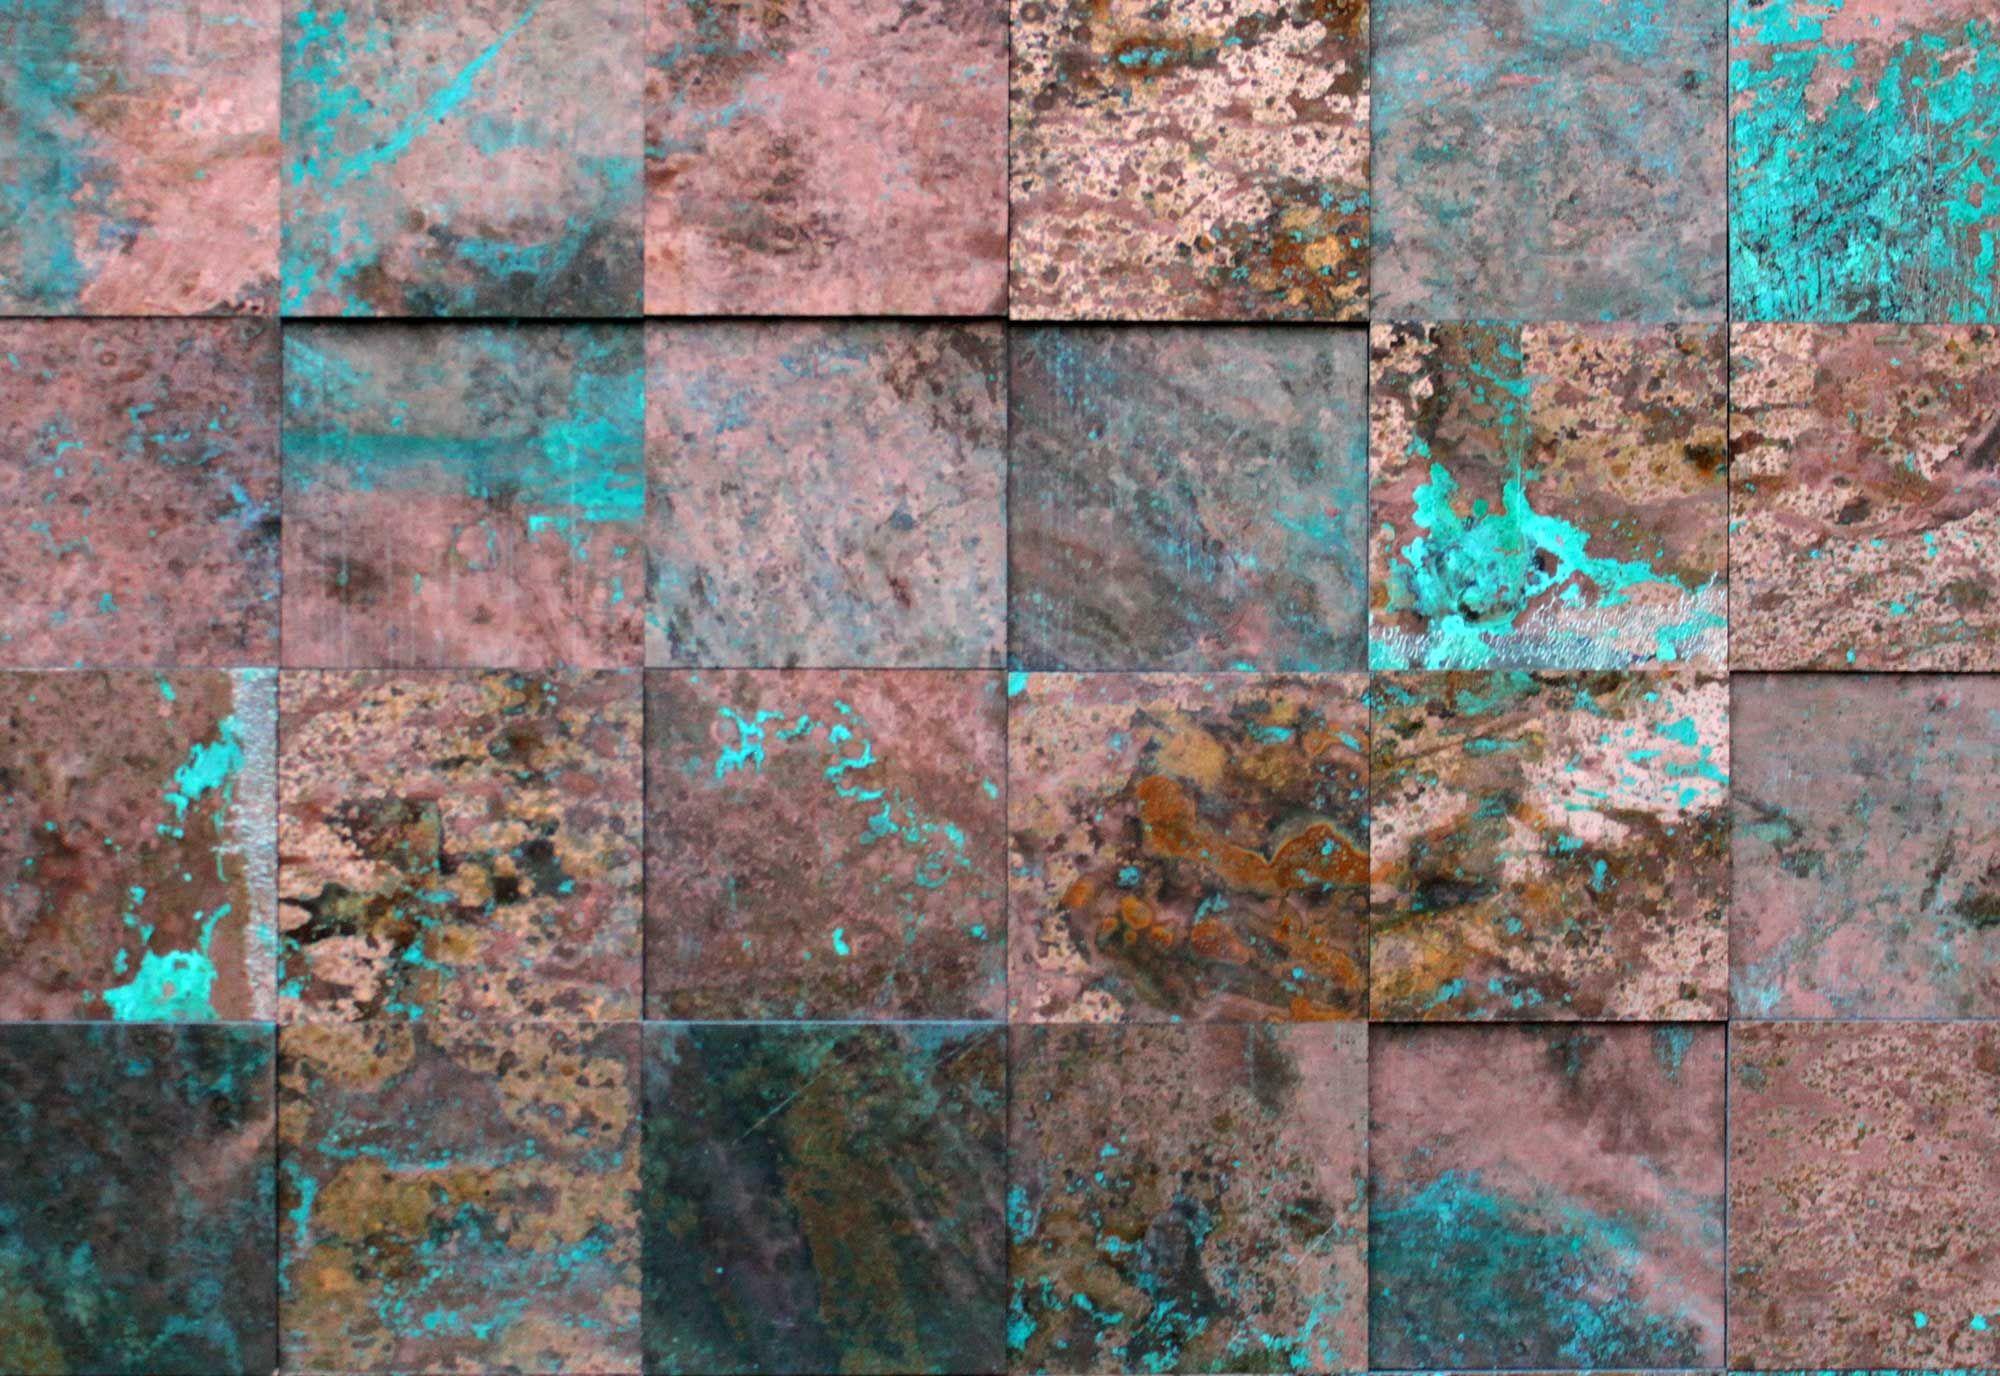 Wandpaneele metall kupfer oxidiert princkeln tuerkis - Wandfarbe kupfer metallic ...